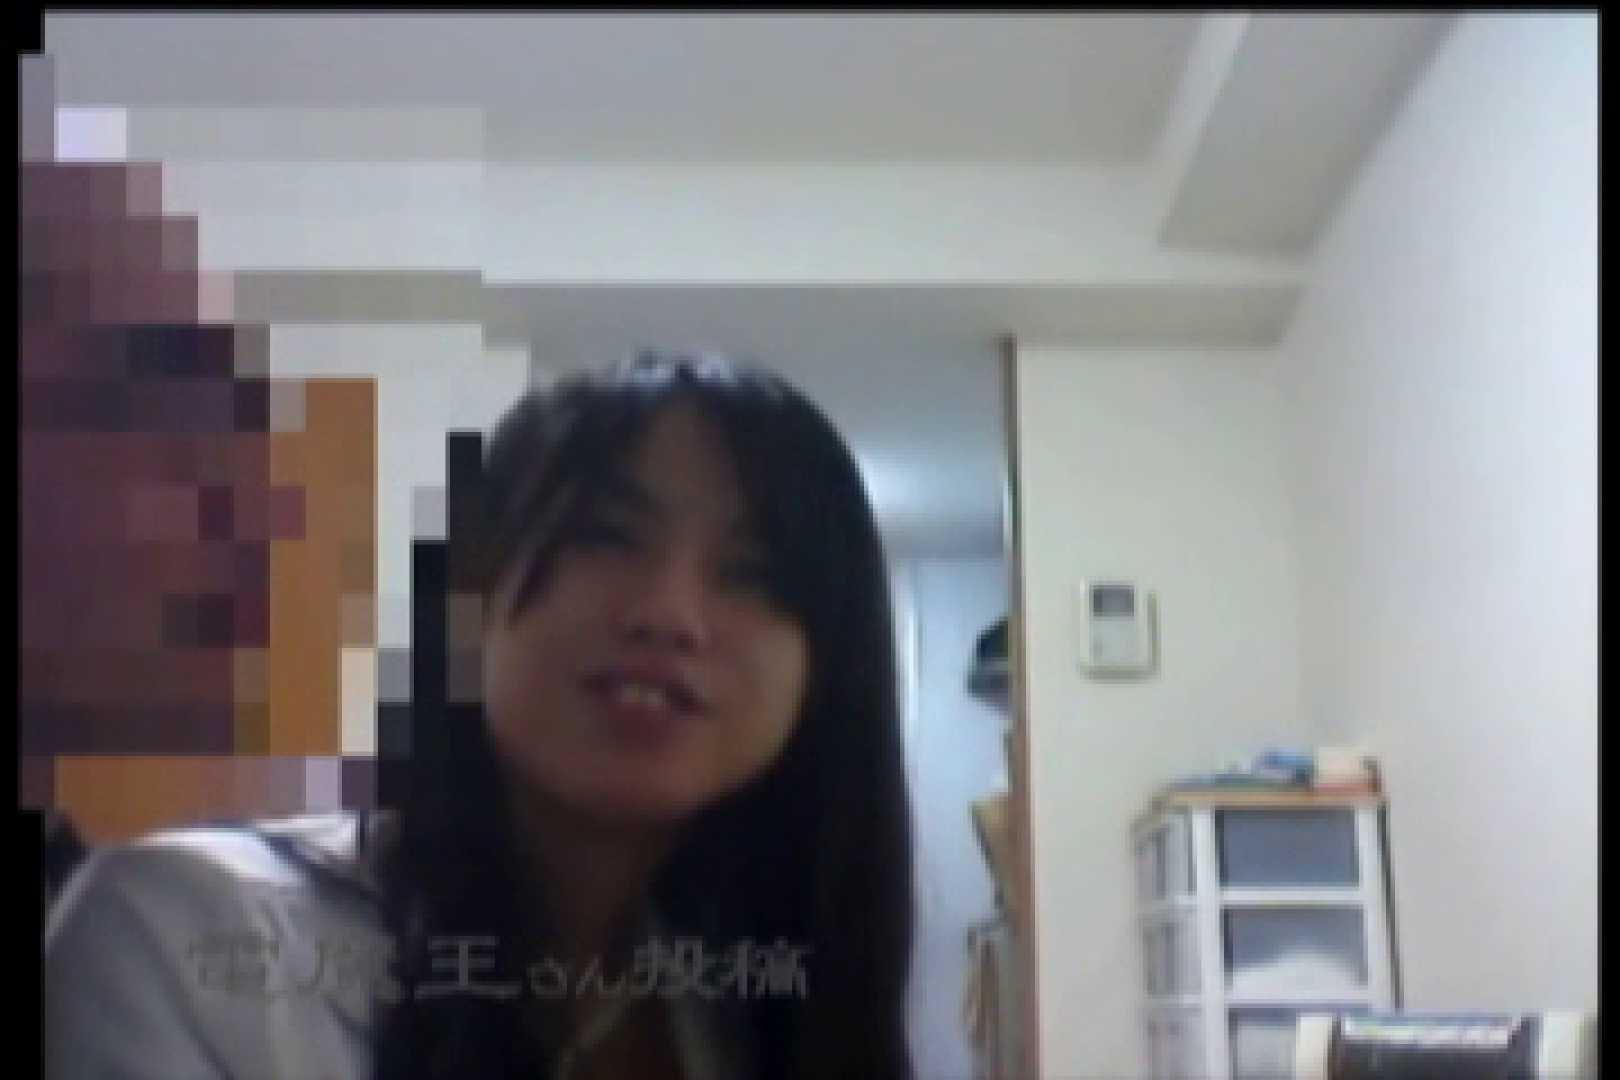 電魔王さんの「隠撮の部屋」ミーナ 隠撮  106pic 70